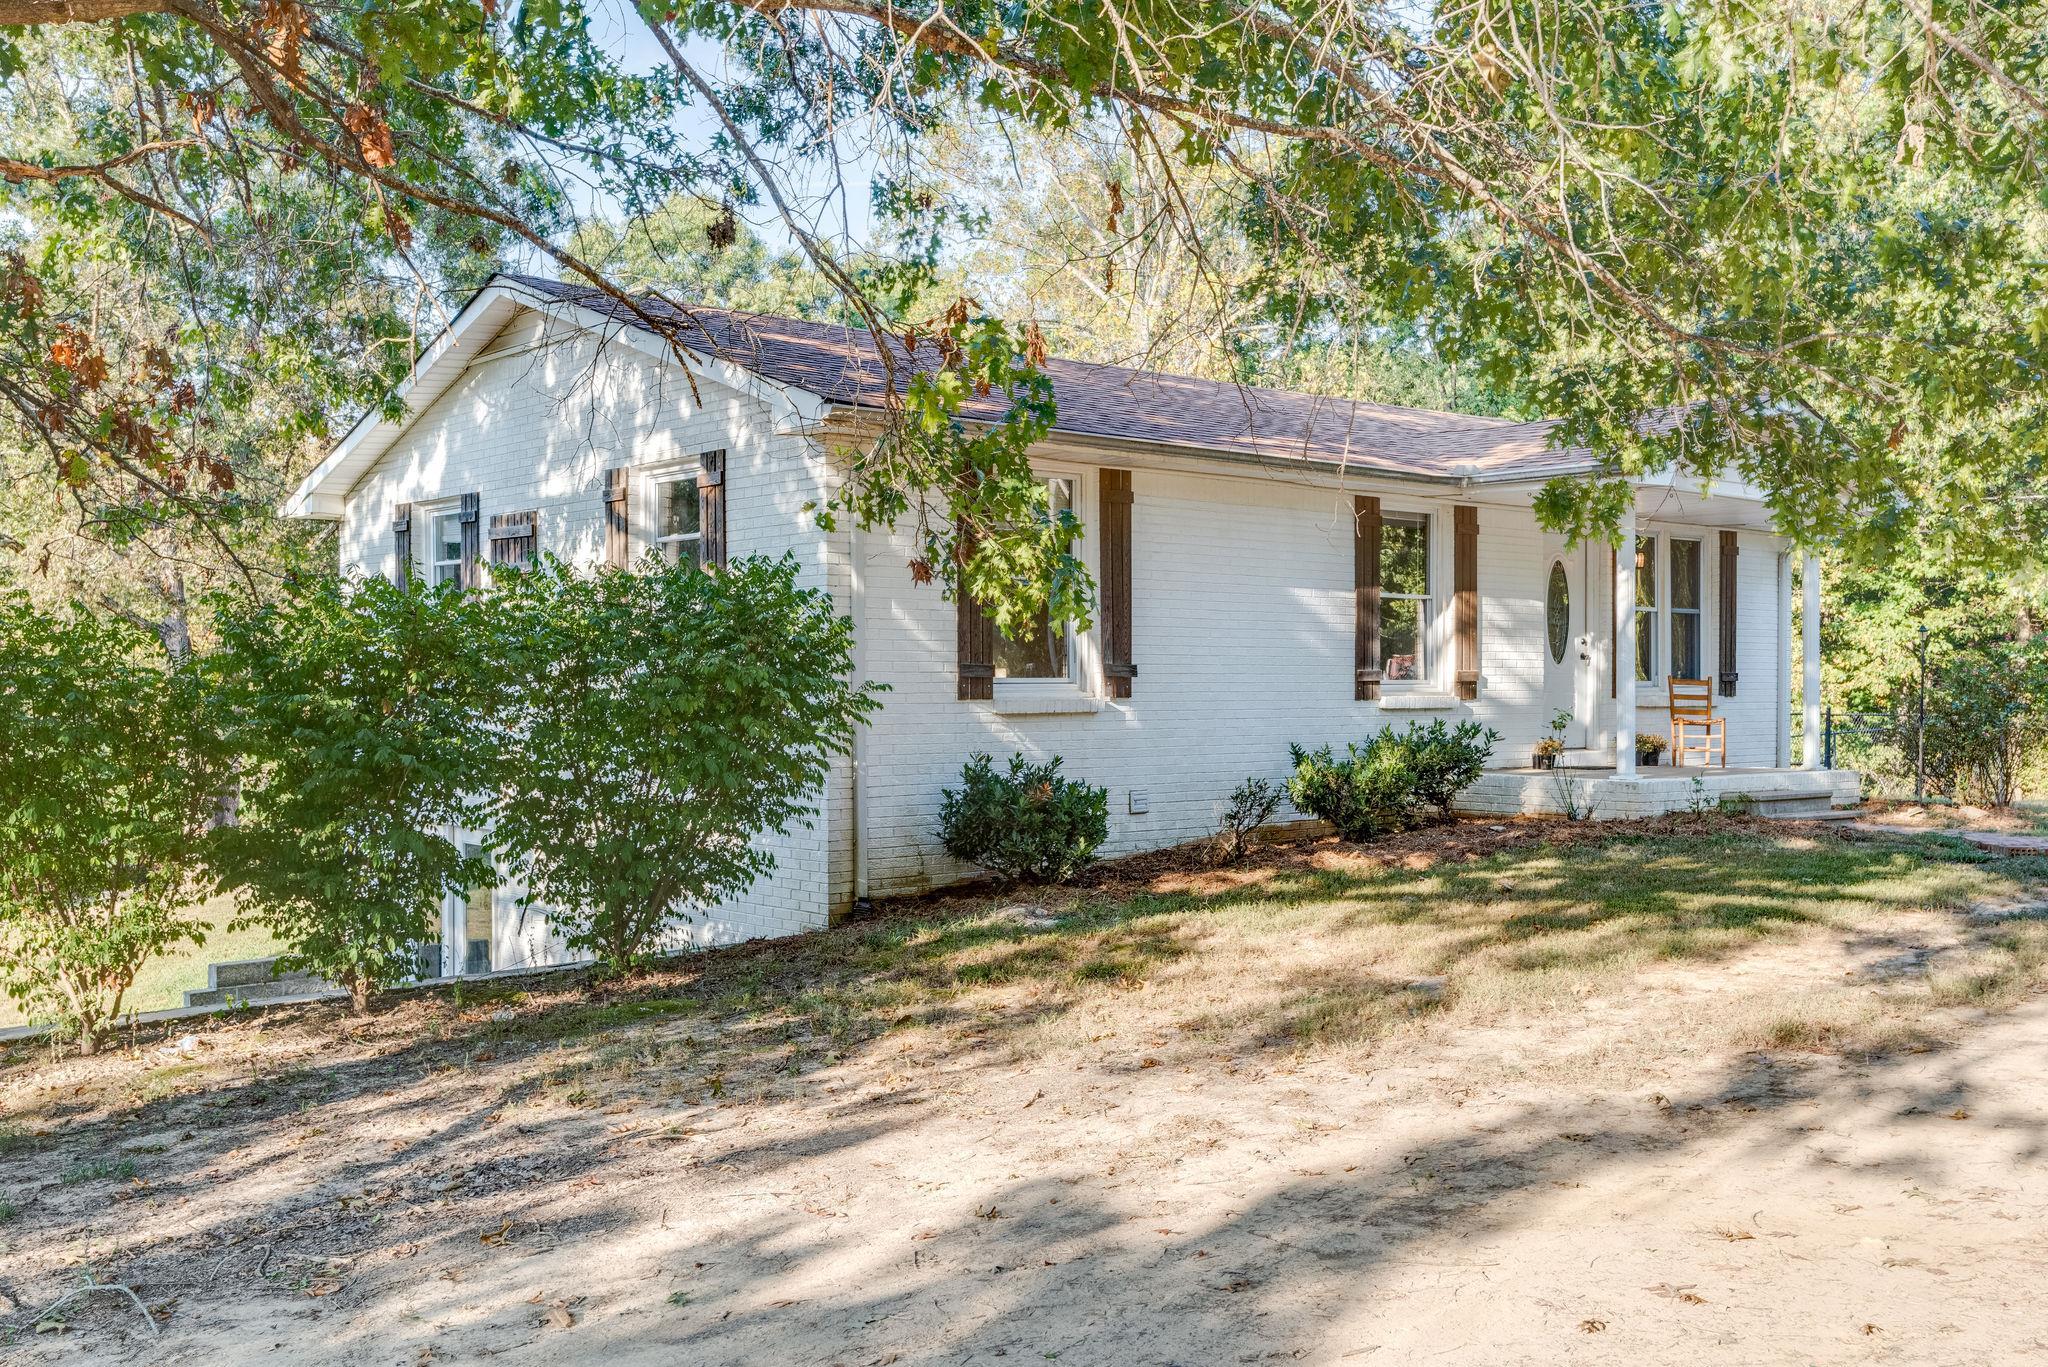 6616 Woodland Park Cir, Nunnelly, TN 37137 - Nunnelly, TN real estate listing